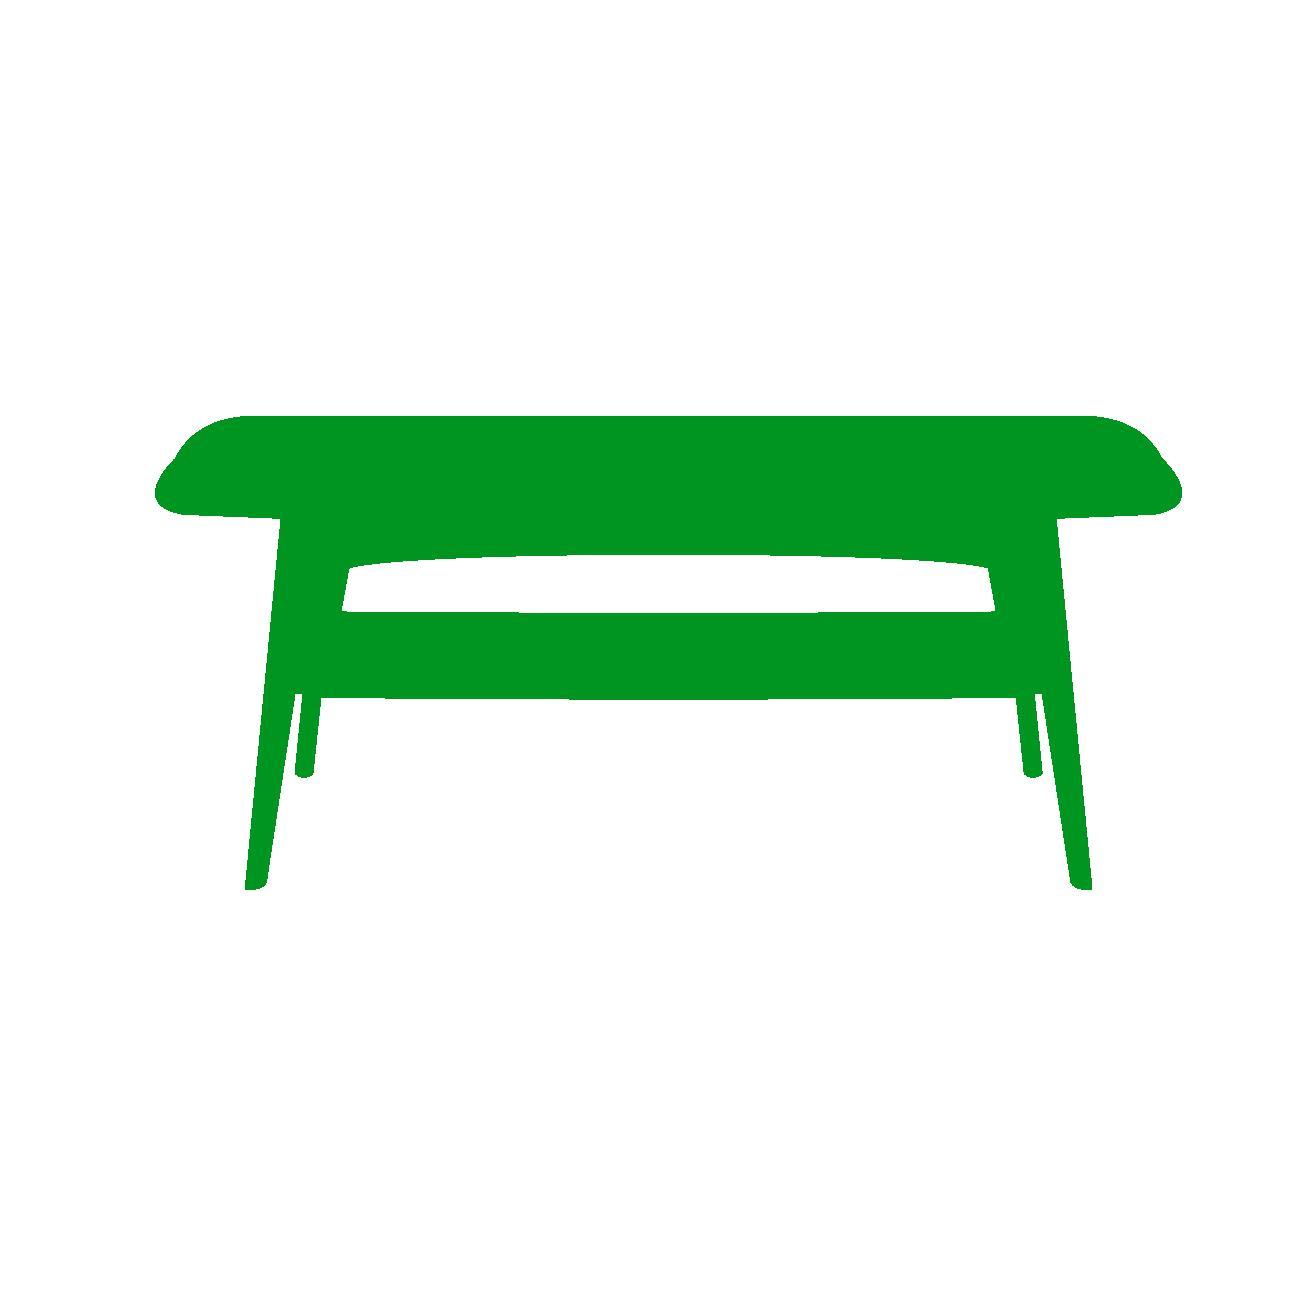 ローテーブルがミニマリストに人気な理由!圧倒的な●●!!